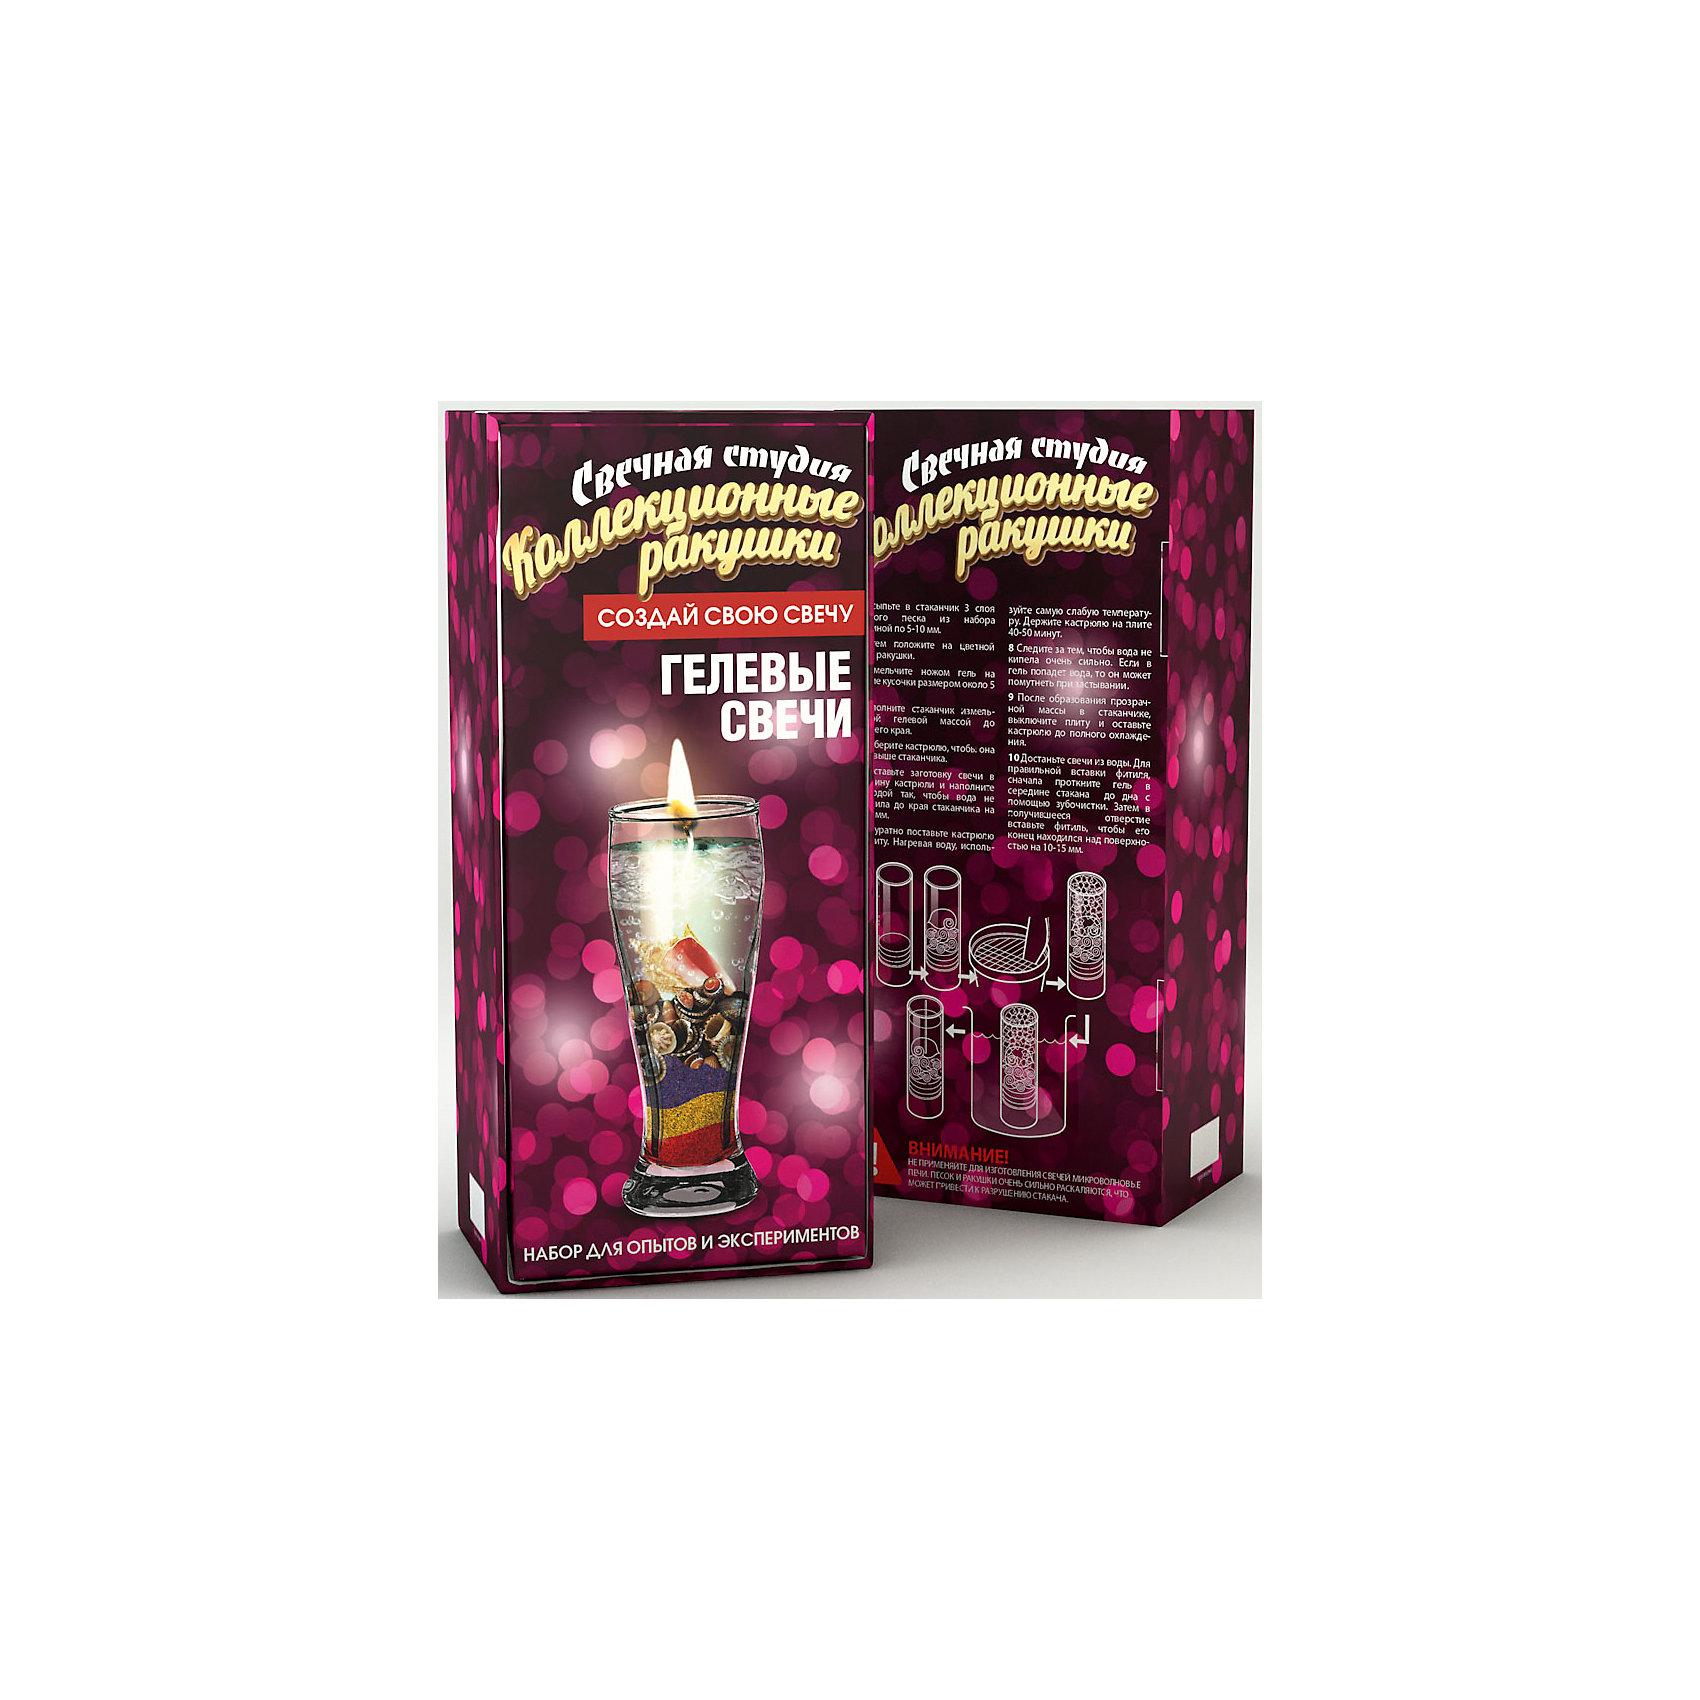 Набор для создания гелевых свечей Коллекционные ракушкиНаборы для создания свечей<br>В набор входит: гель, стаканчики, фитиль, цветной песок, цветок, пластмассовый нож и ложечка.<br><br>Ширина мм: 95<br>Глубина мм: 65<br>Высота мм: 185<br>Вес г: 250<br>Возраст от месяцев: 96<br>Возраст до месяцев: 192<br>Пол: Унисекс<br>Возраст: Детский<br>SKU: 5191473